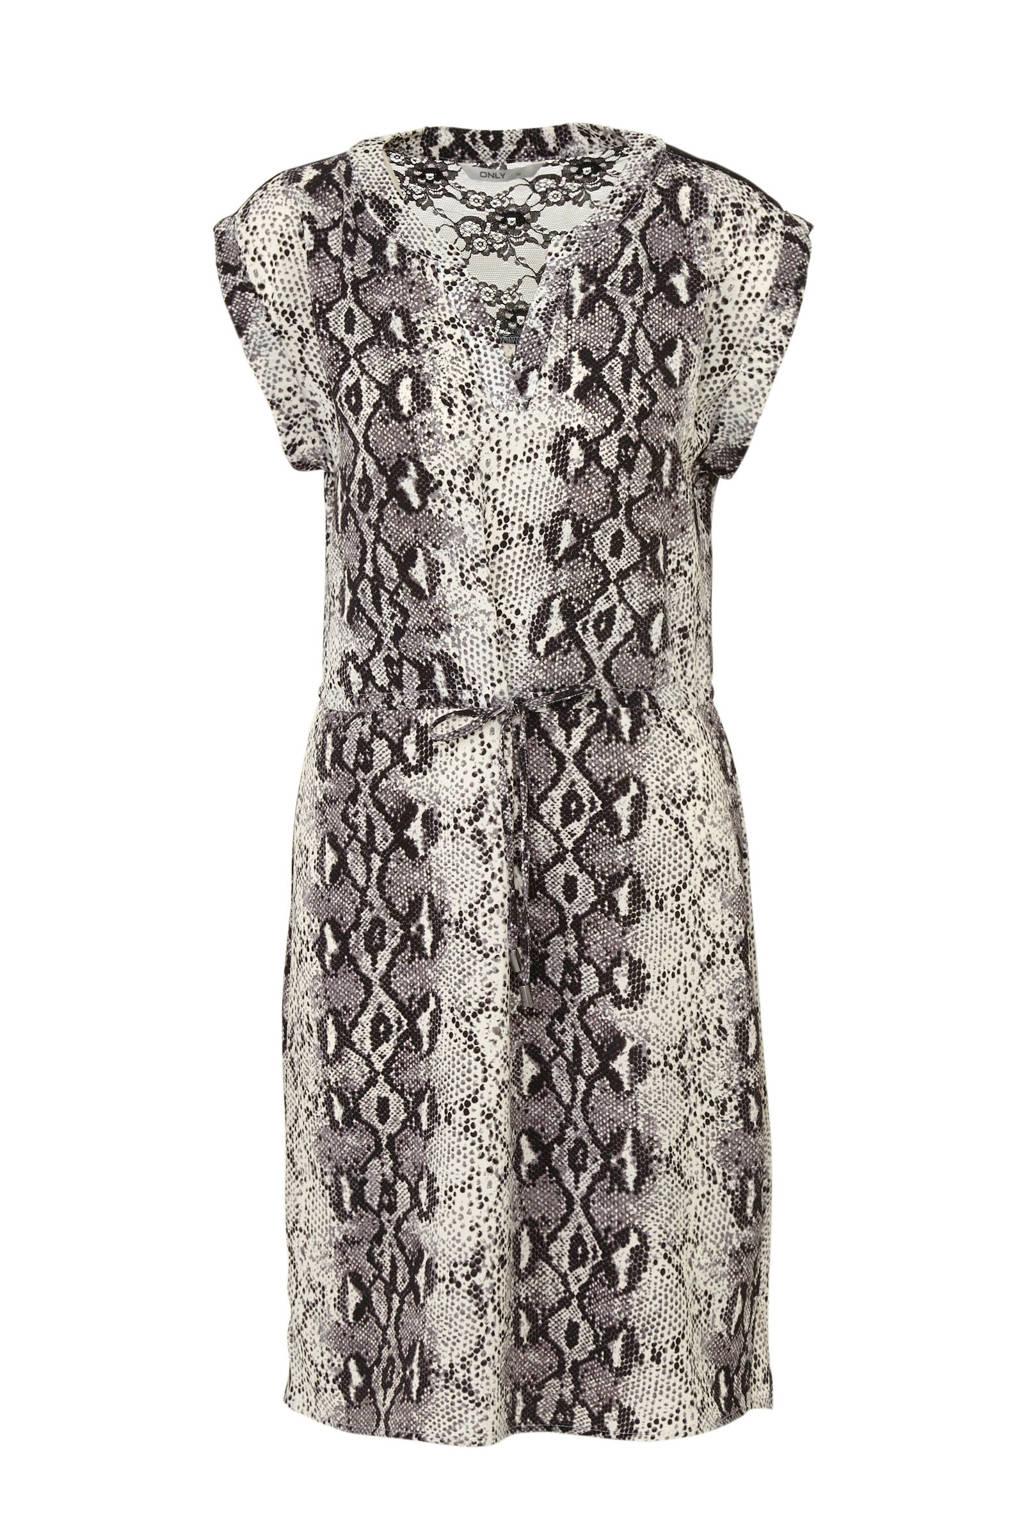 ONLY jurk met slangenprint en kant grijs, Grijs/ zwart/ wit